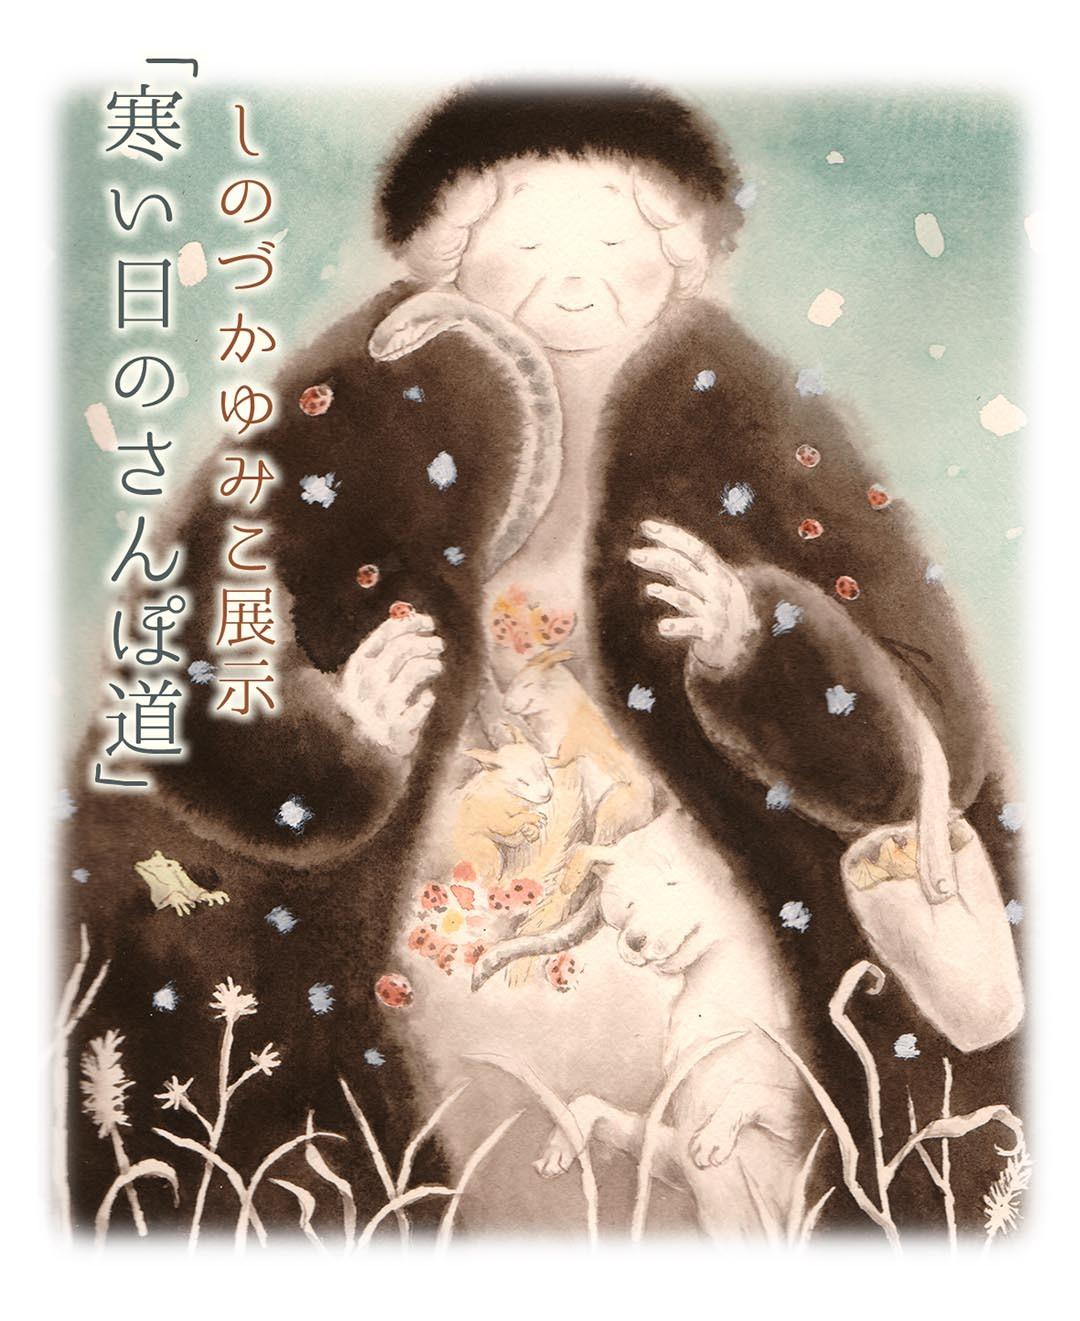 しのづかゆみこ展示「寒い日のさんぽ道」_c0192615_22521165.jpeg